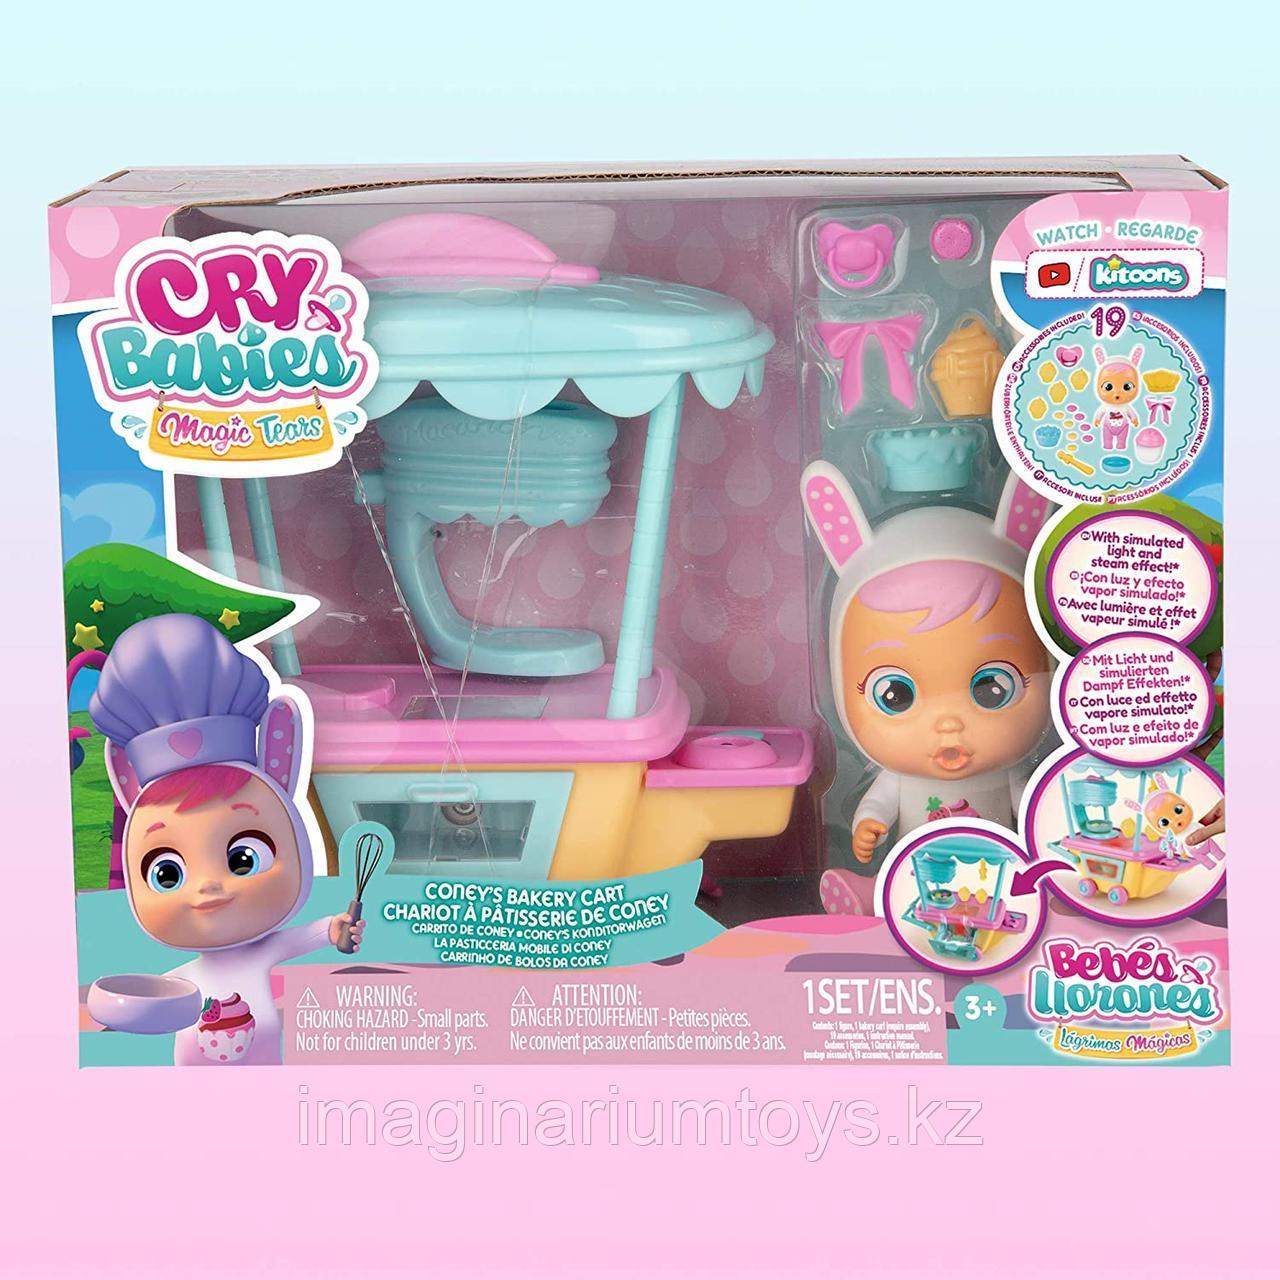 Cry Babies игровой набор интерактивная пекарня с куклой Кони - фото 2